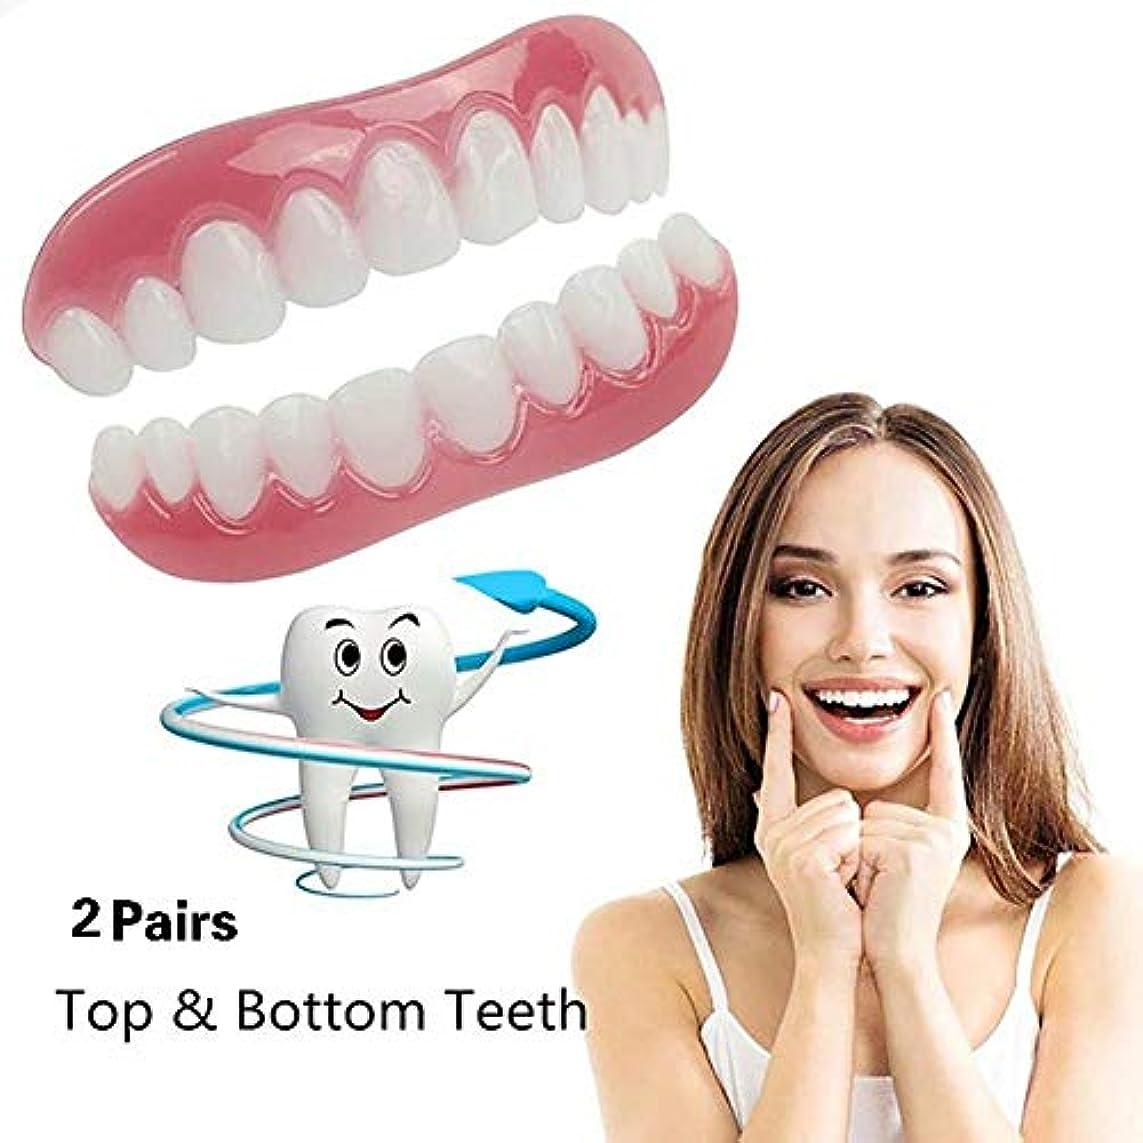 オークランドレンジボタン2対のシリコーンの歯のベニヤの歯の快適さのフィットフレックス化粧品の歯義歯の歯のトップとボトム化粧品のベニヤのシミュレーションのブレースワンサイズフィットすべて